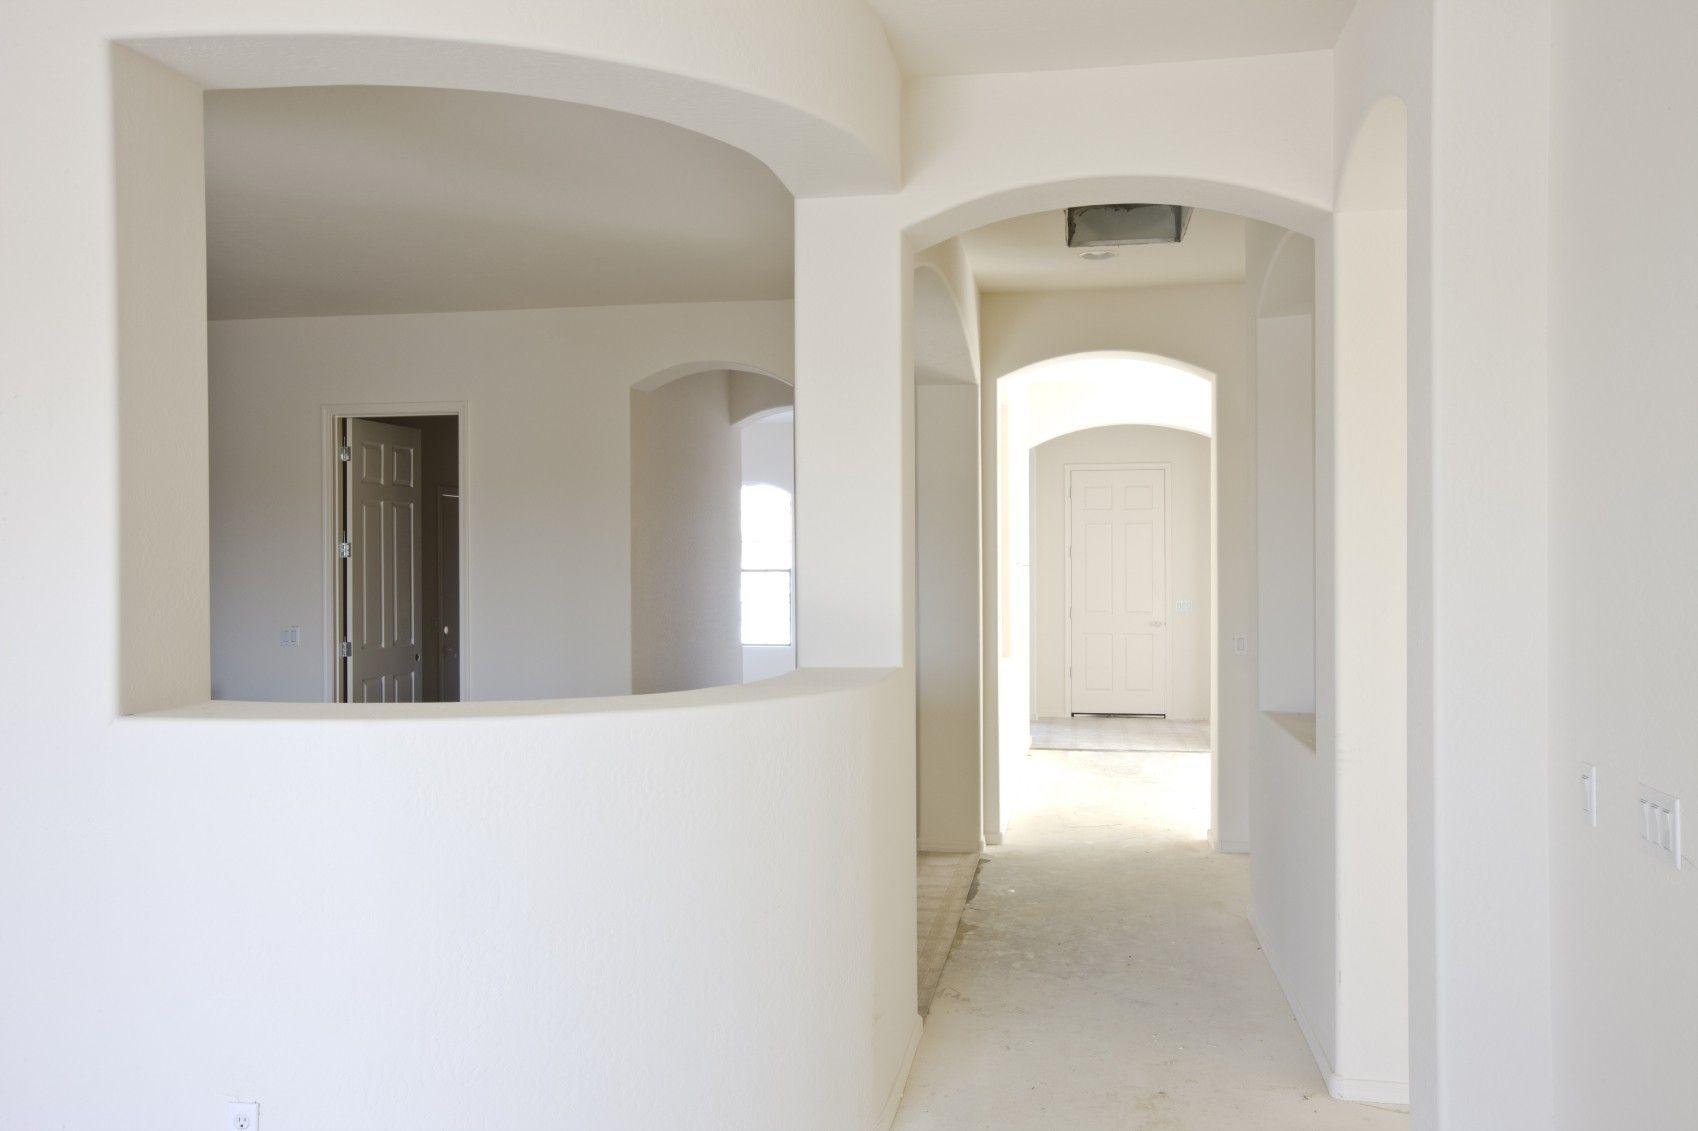 Divisórias em Drywall Onde Comprar na Vila Rufino - Divisórias em Drywall